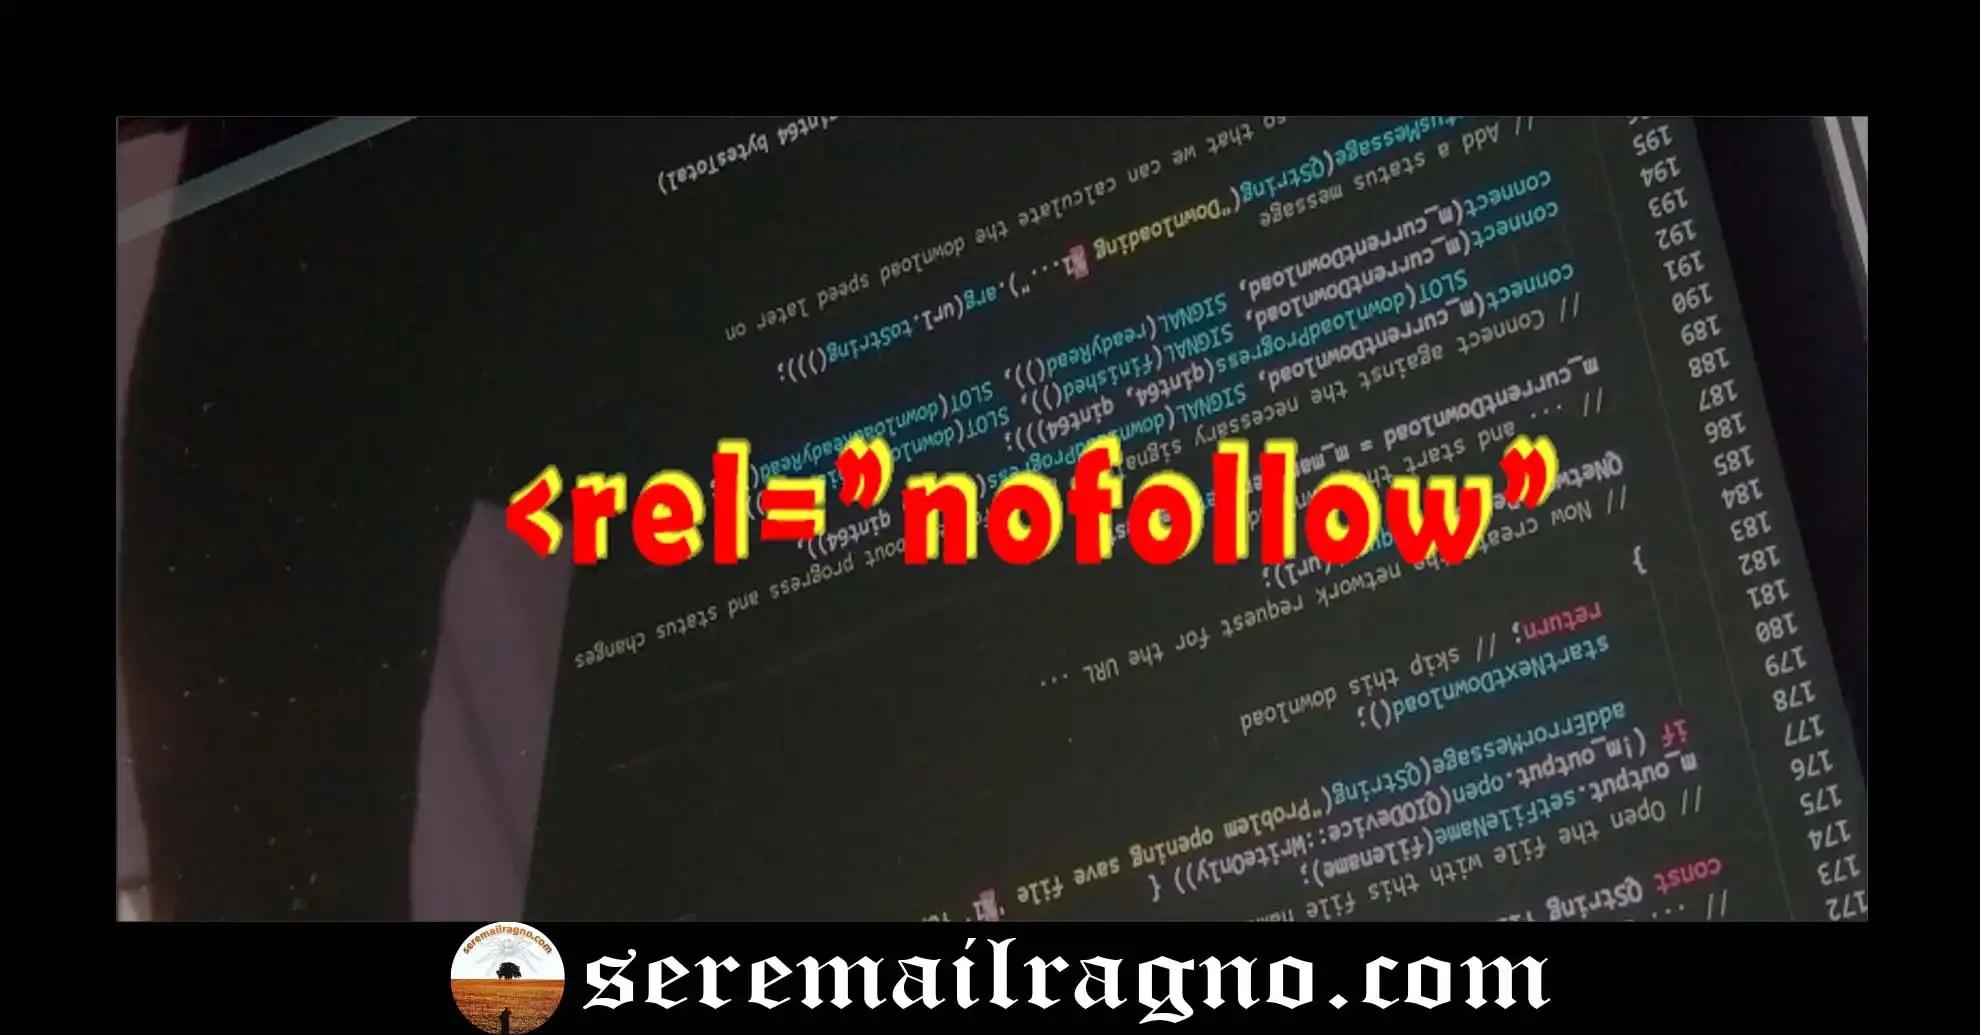 Ottimizzazione SEO: link,anchor text e nofollow